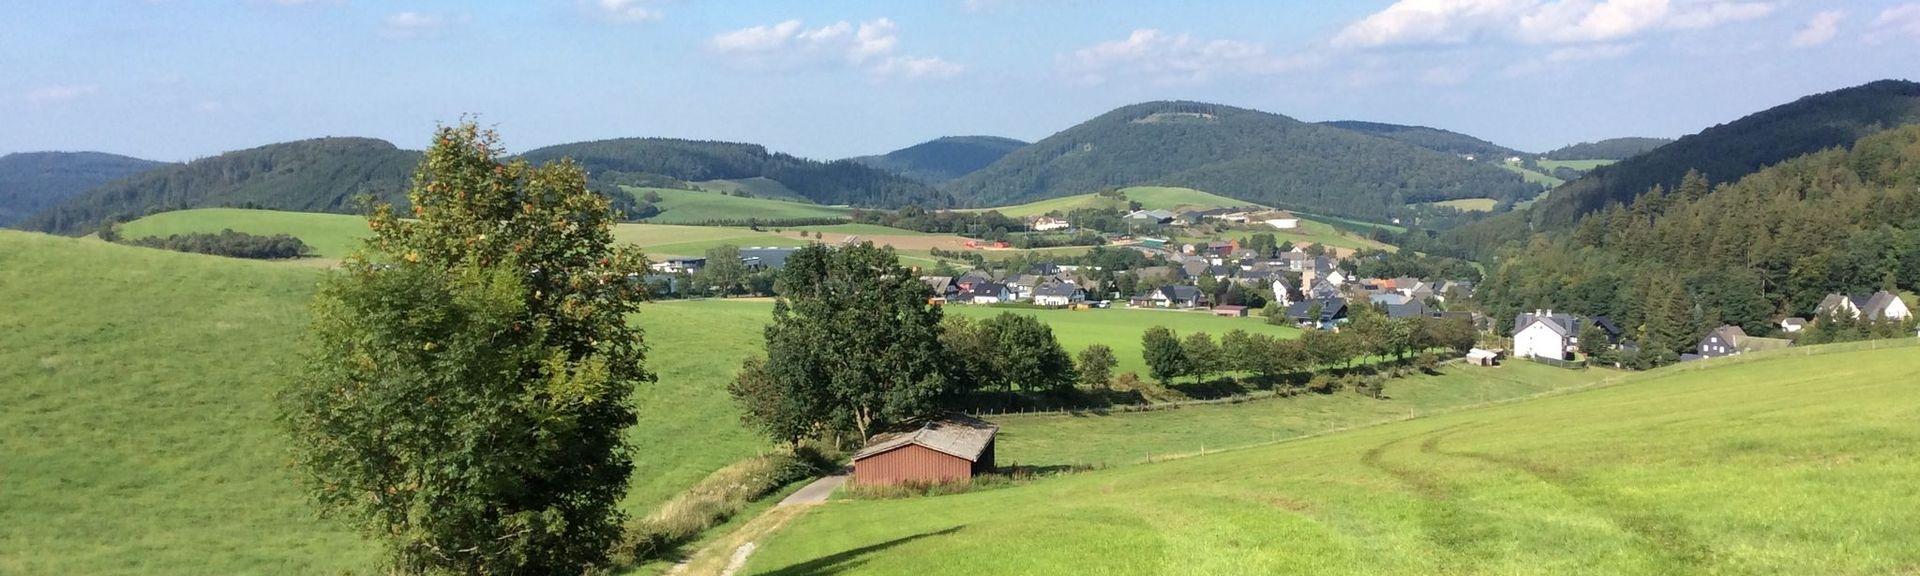 Estación de tren de Marsberg Westheim, Marsberg, Renania del Norte-Westfalia, Alemania